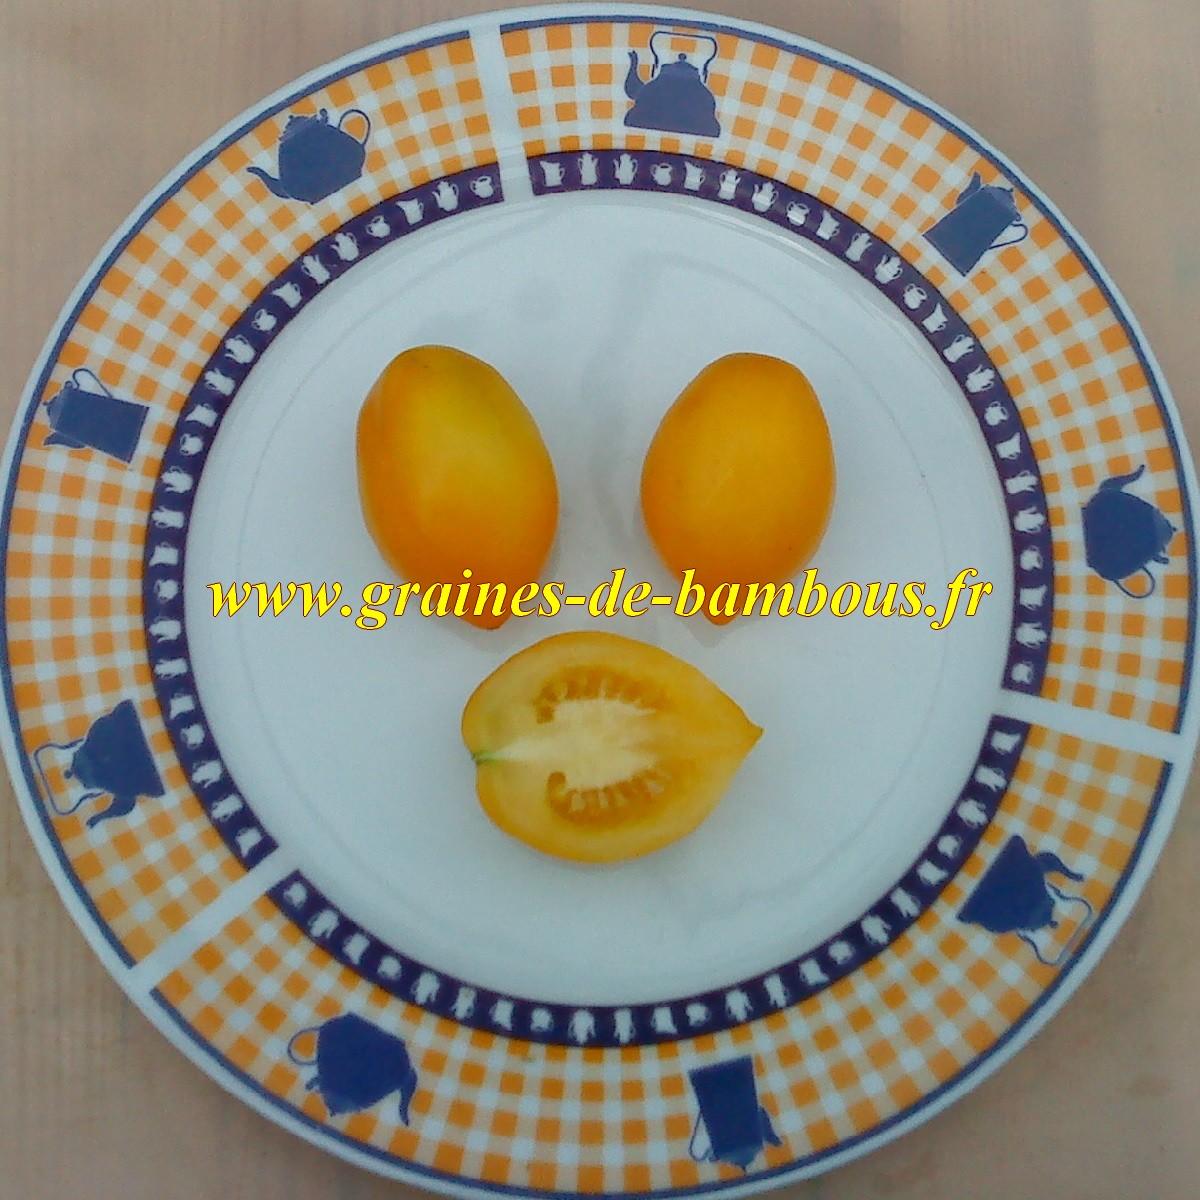 Graines de tomate citron